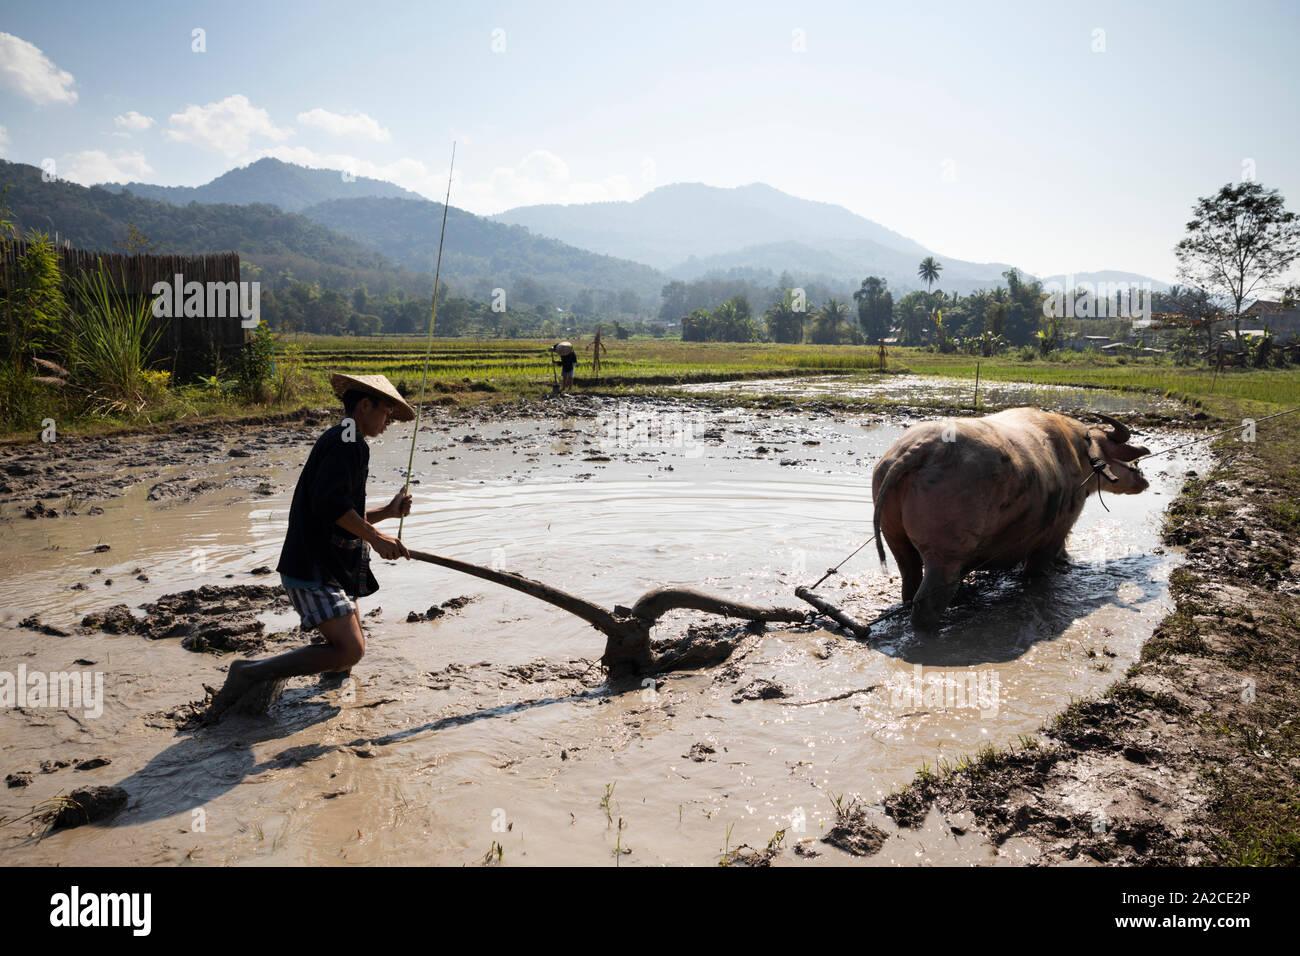 Preparación de la cáscara con Rudolph, el búfalo de agua en la Tierra Viva la granja, Luang Prabang, en la provincia de Luang Prabang, en el norte de Laos, Laos, Sudeste de Asia Foto de stock